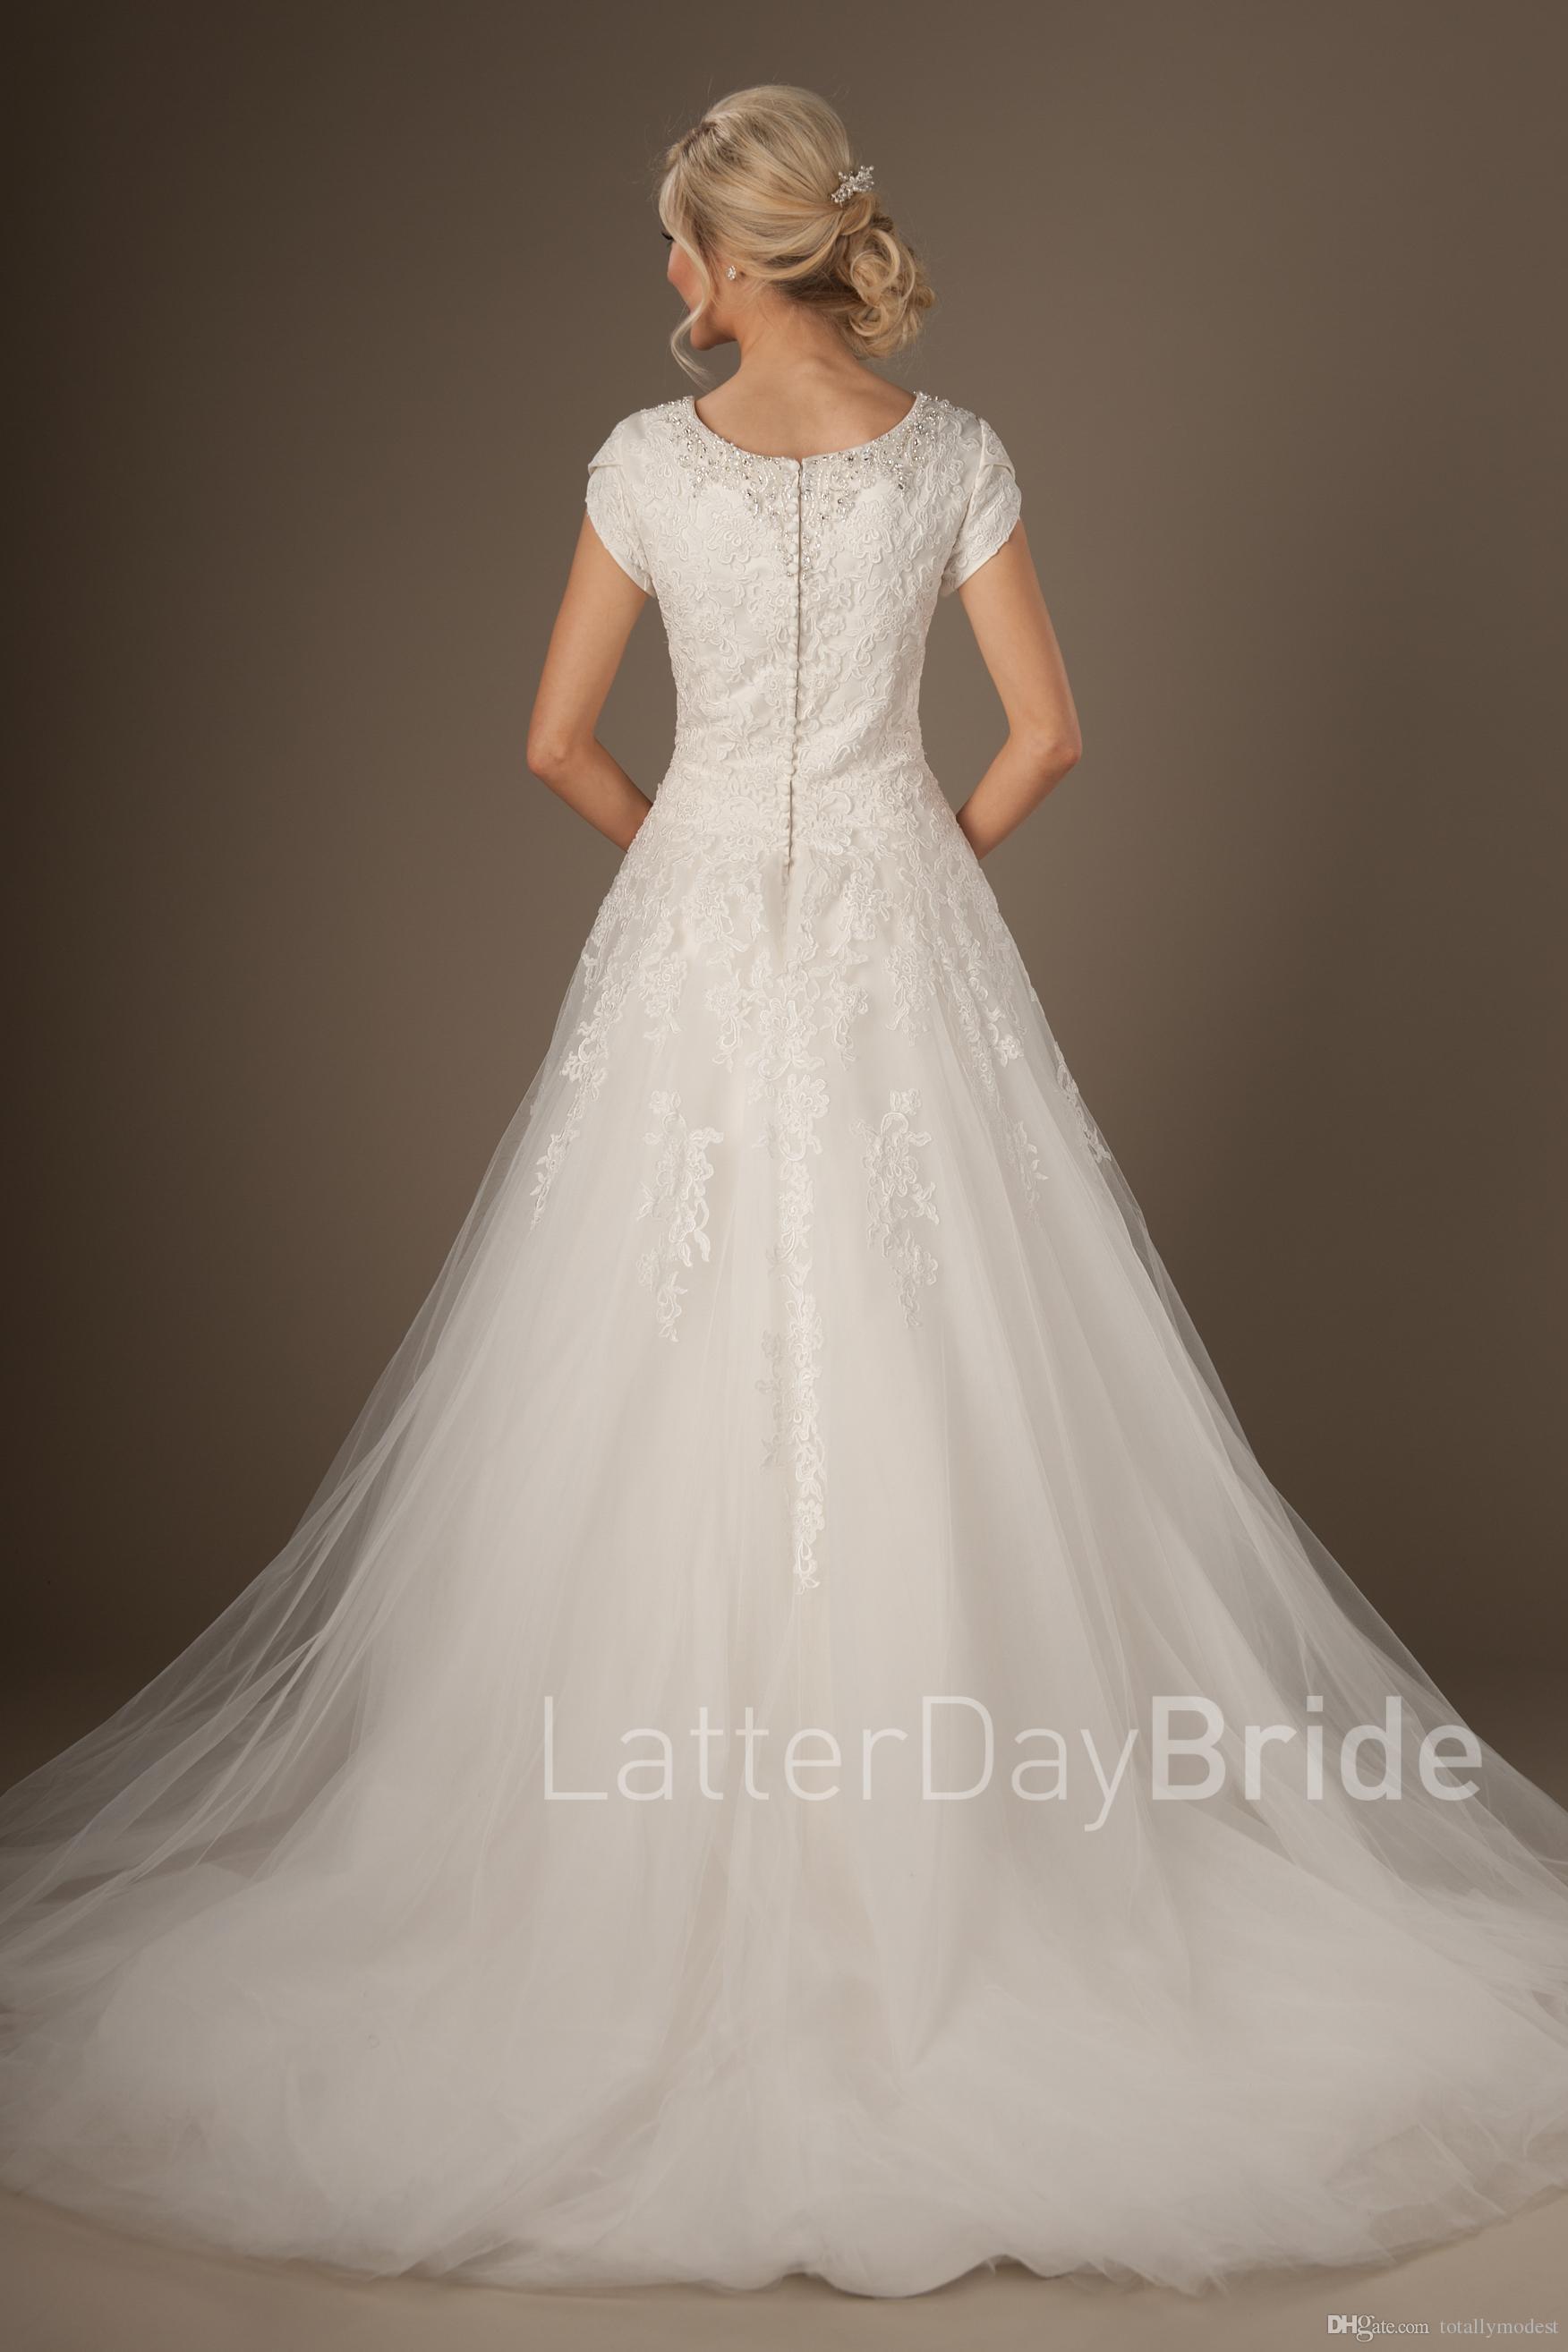 Новые скромные свадебные платья с рукавами с бисером и вырезом на пуговицах Назад Кружева Аппликации A-Line Тюль Загородный Свадебные платья на заказ